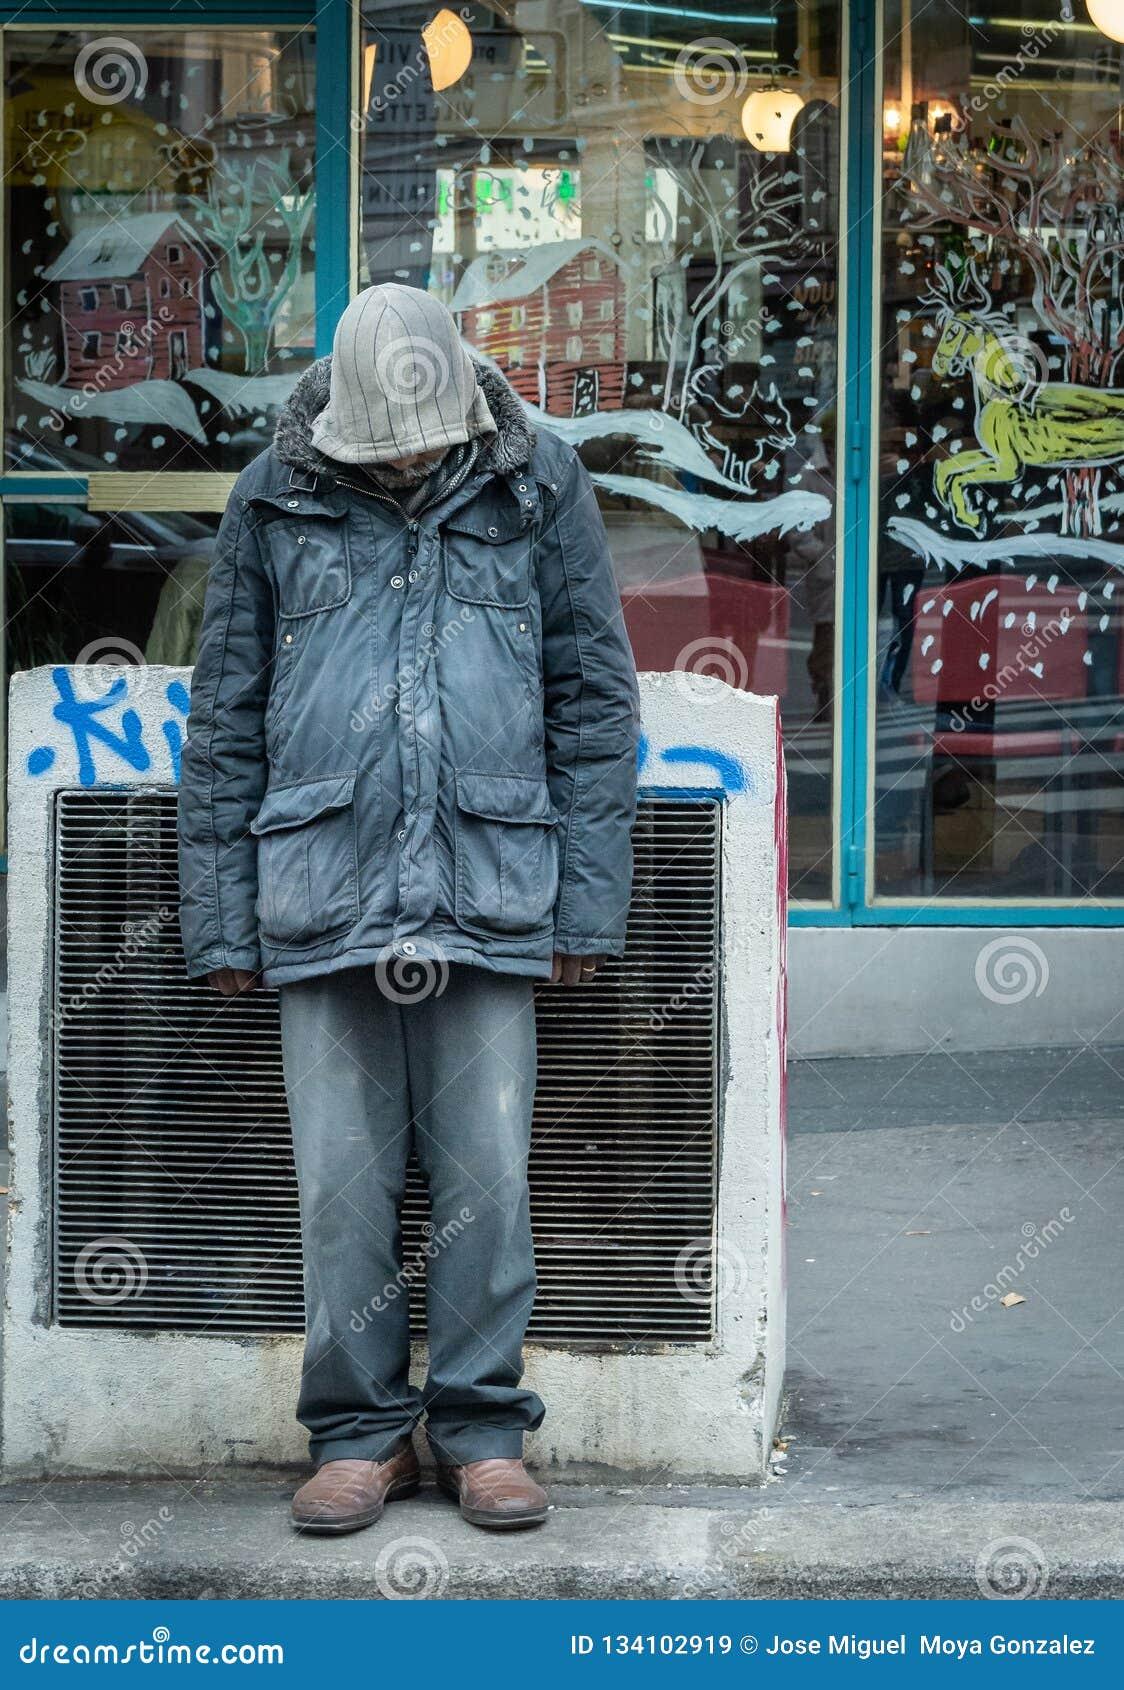 Γαλλία Παρίσι 10-Δεκέμβριος-2018 Πορτρέτο ενός άστεγου ατόμου μπροστά από ένα κατάστημα κατά τη διάρκεια των Χριστουγέννων